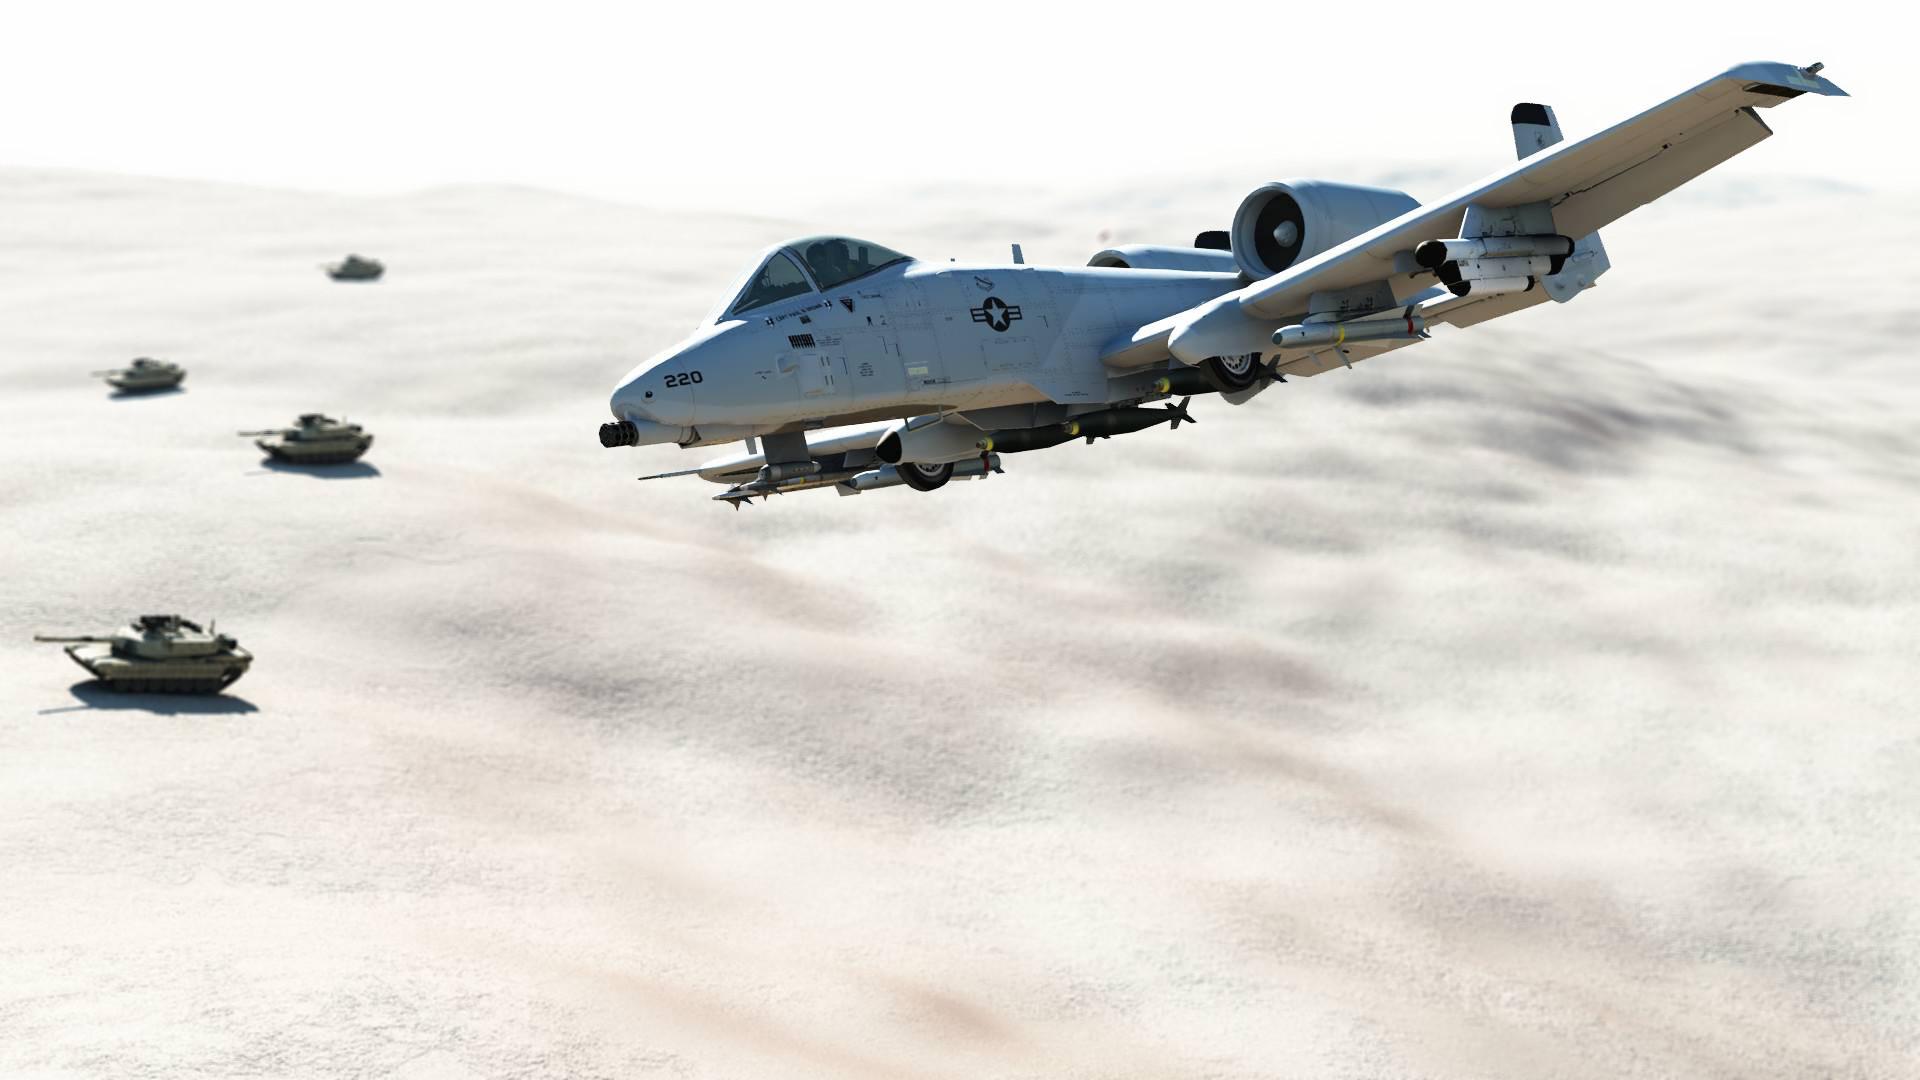 … A-10 Warthog Air Support by Jasuez